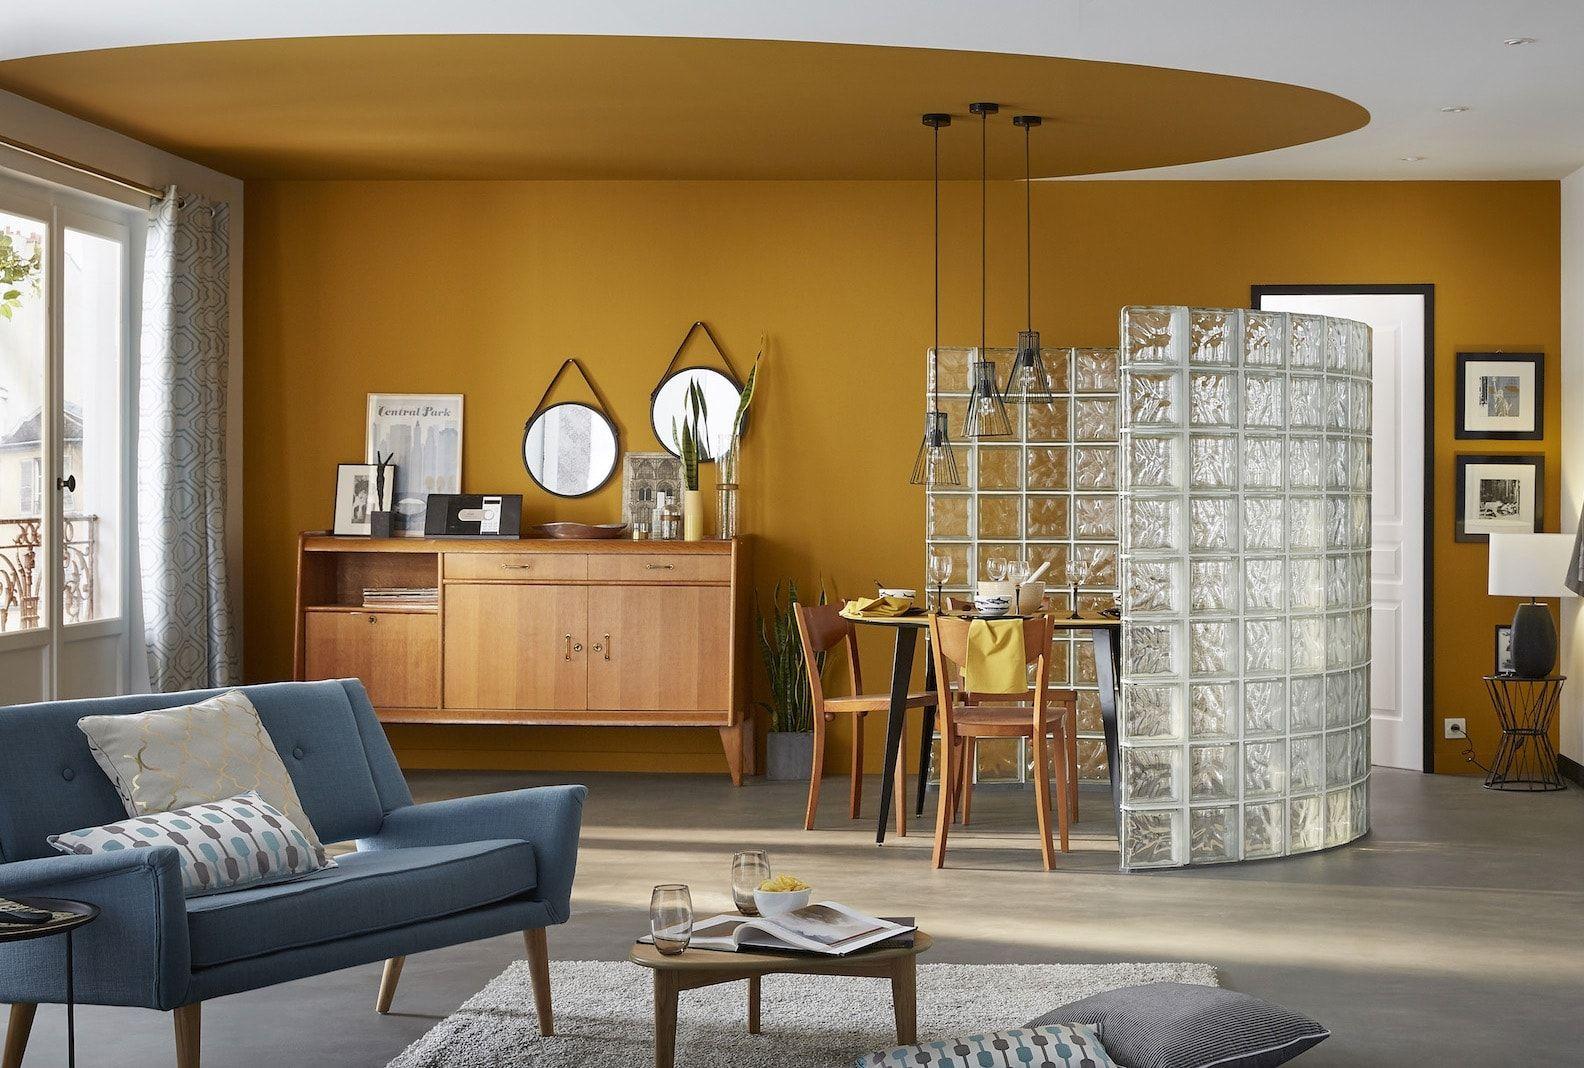 Un salon orange vintage : Des couleurs chaudes sur les murs du salon ...